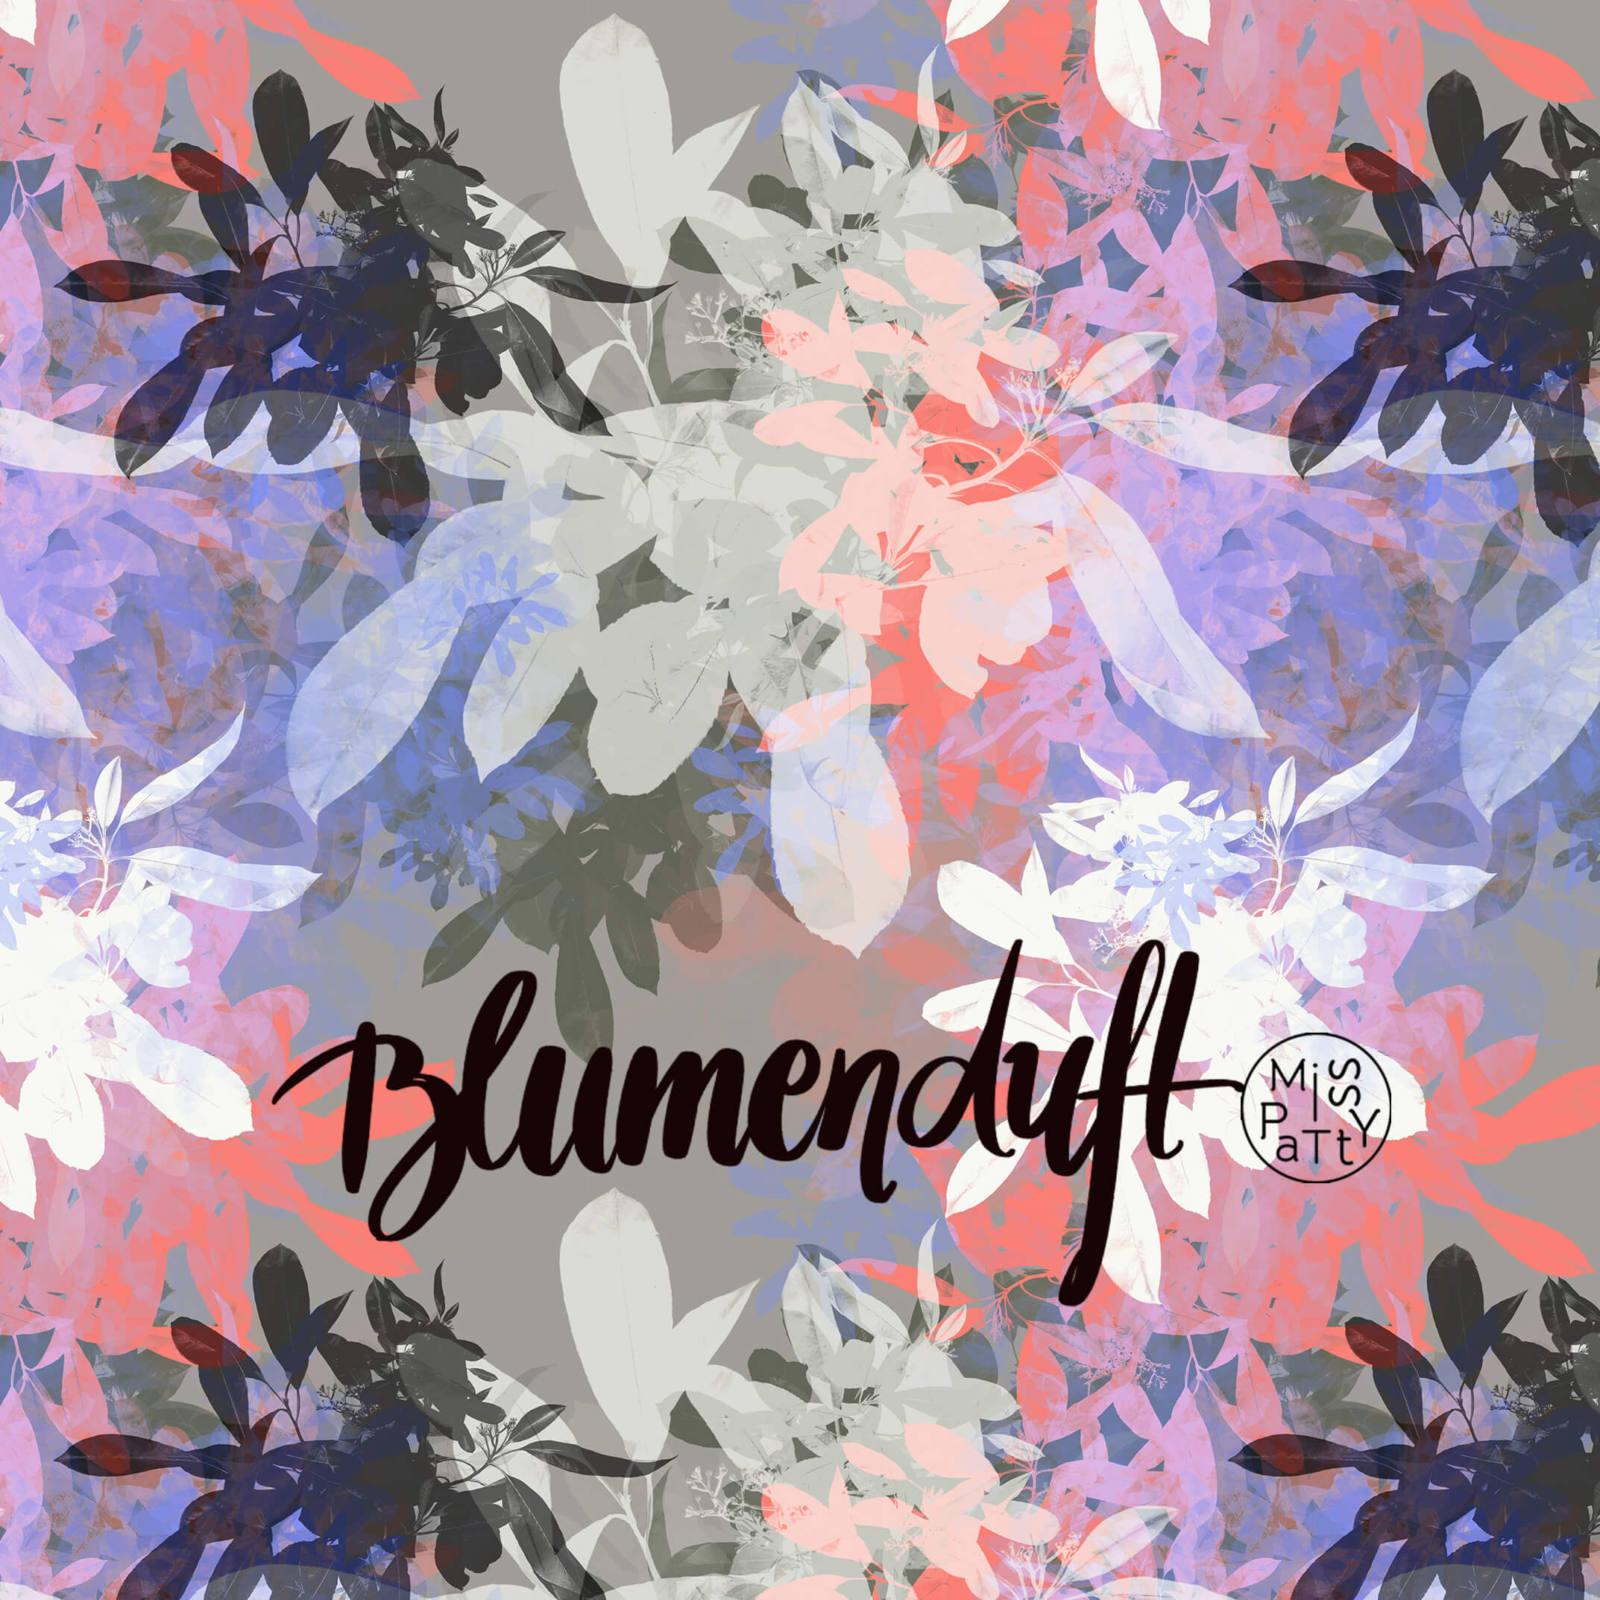 Blumenduft_1